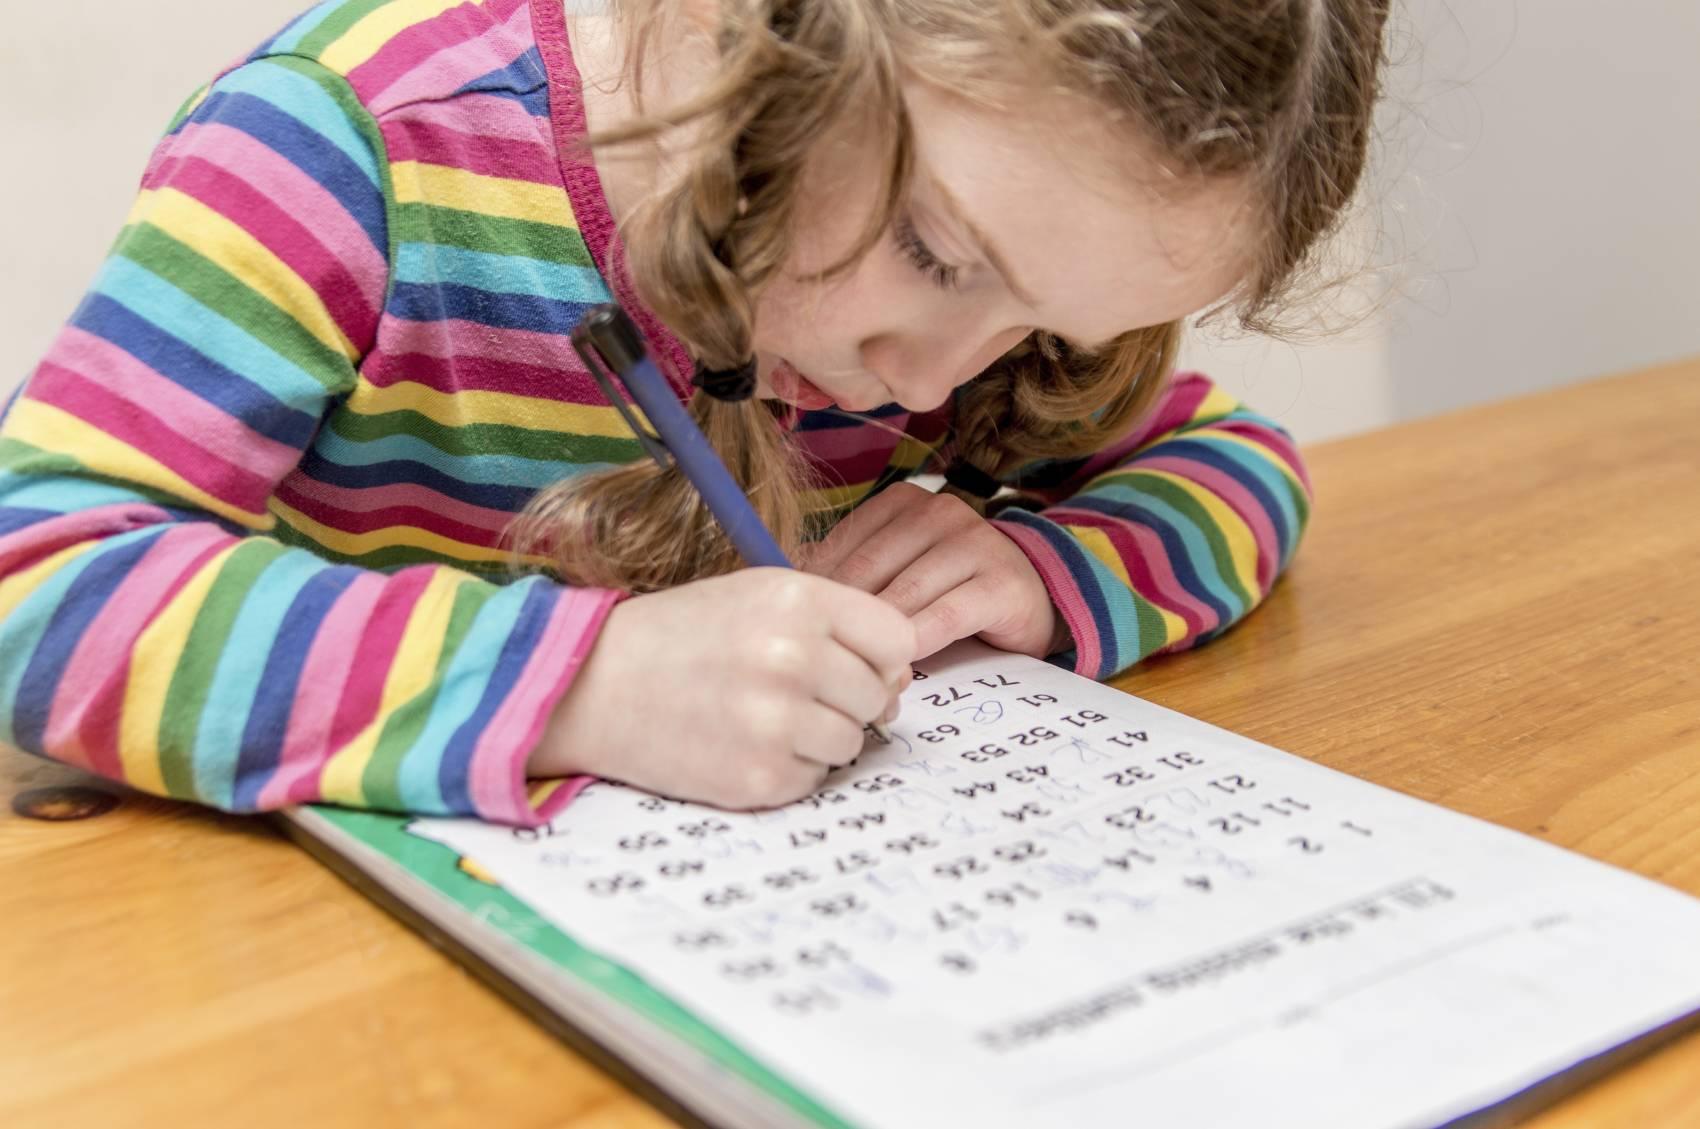 Хобби и увлечения ребенка: помогаем выбрать | аналогий нет